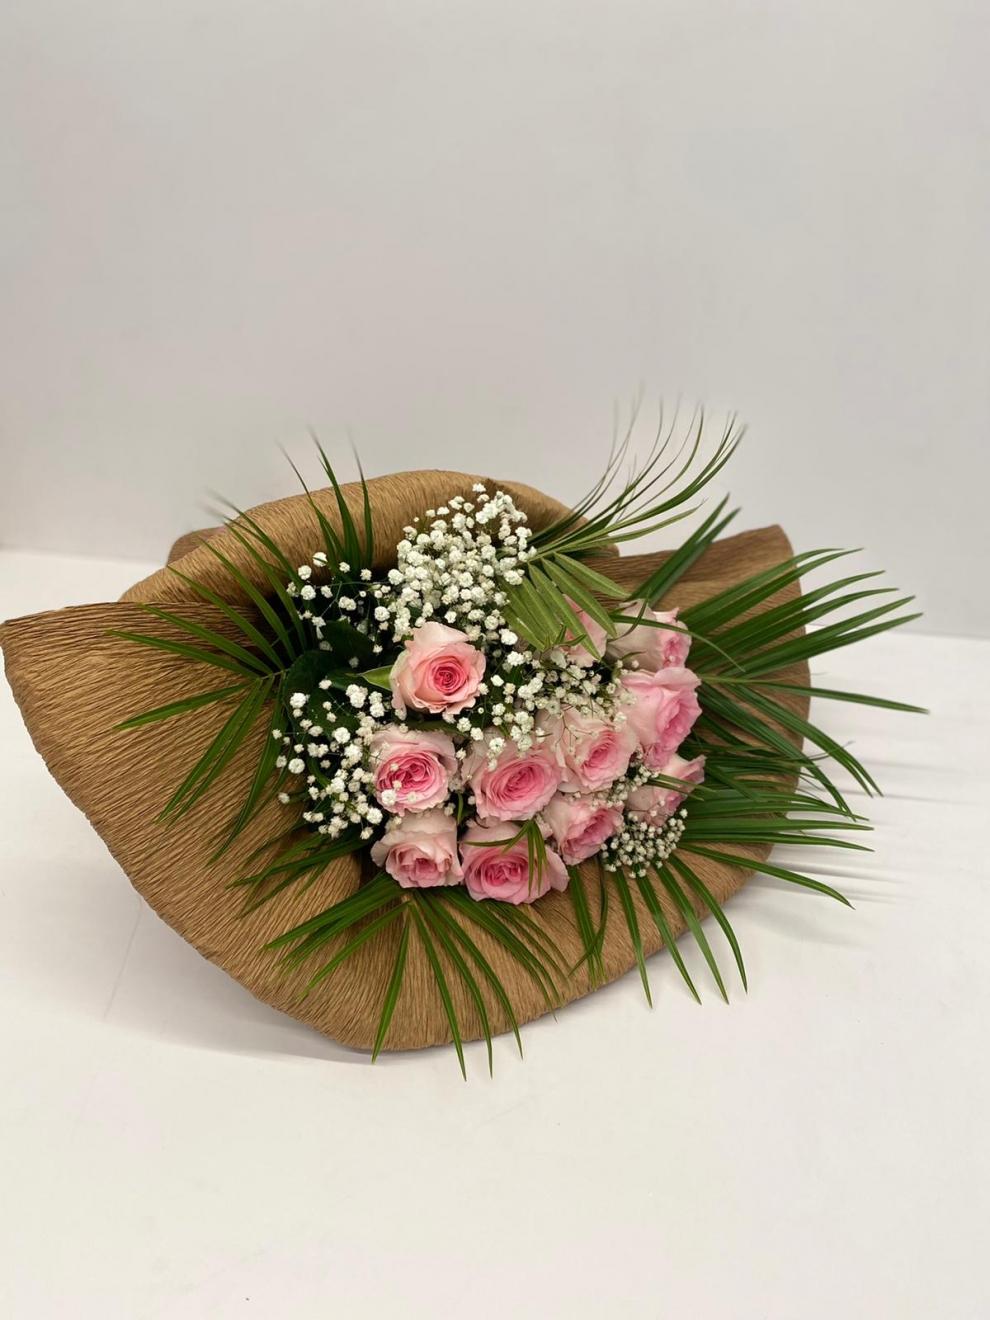 https://www.shineflowergift.com/